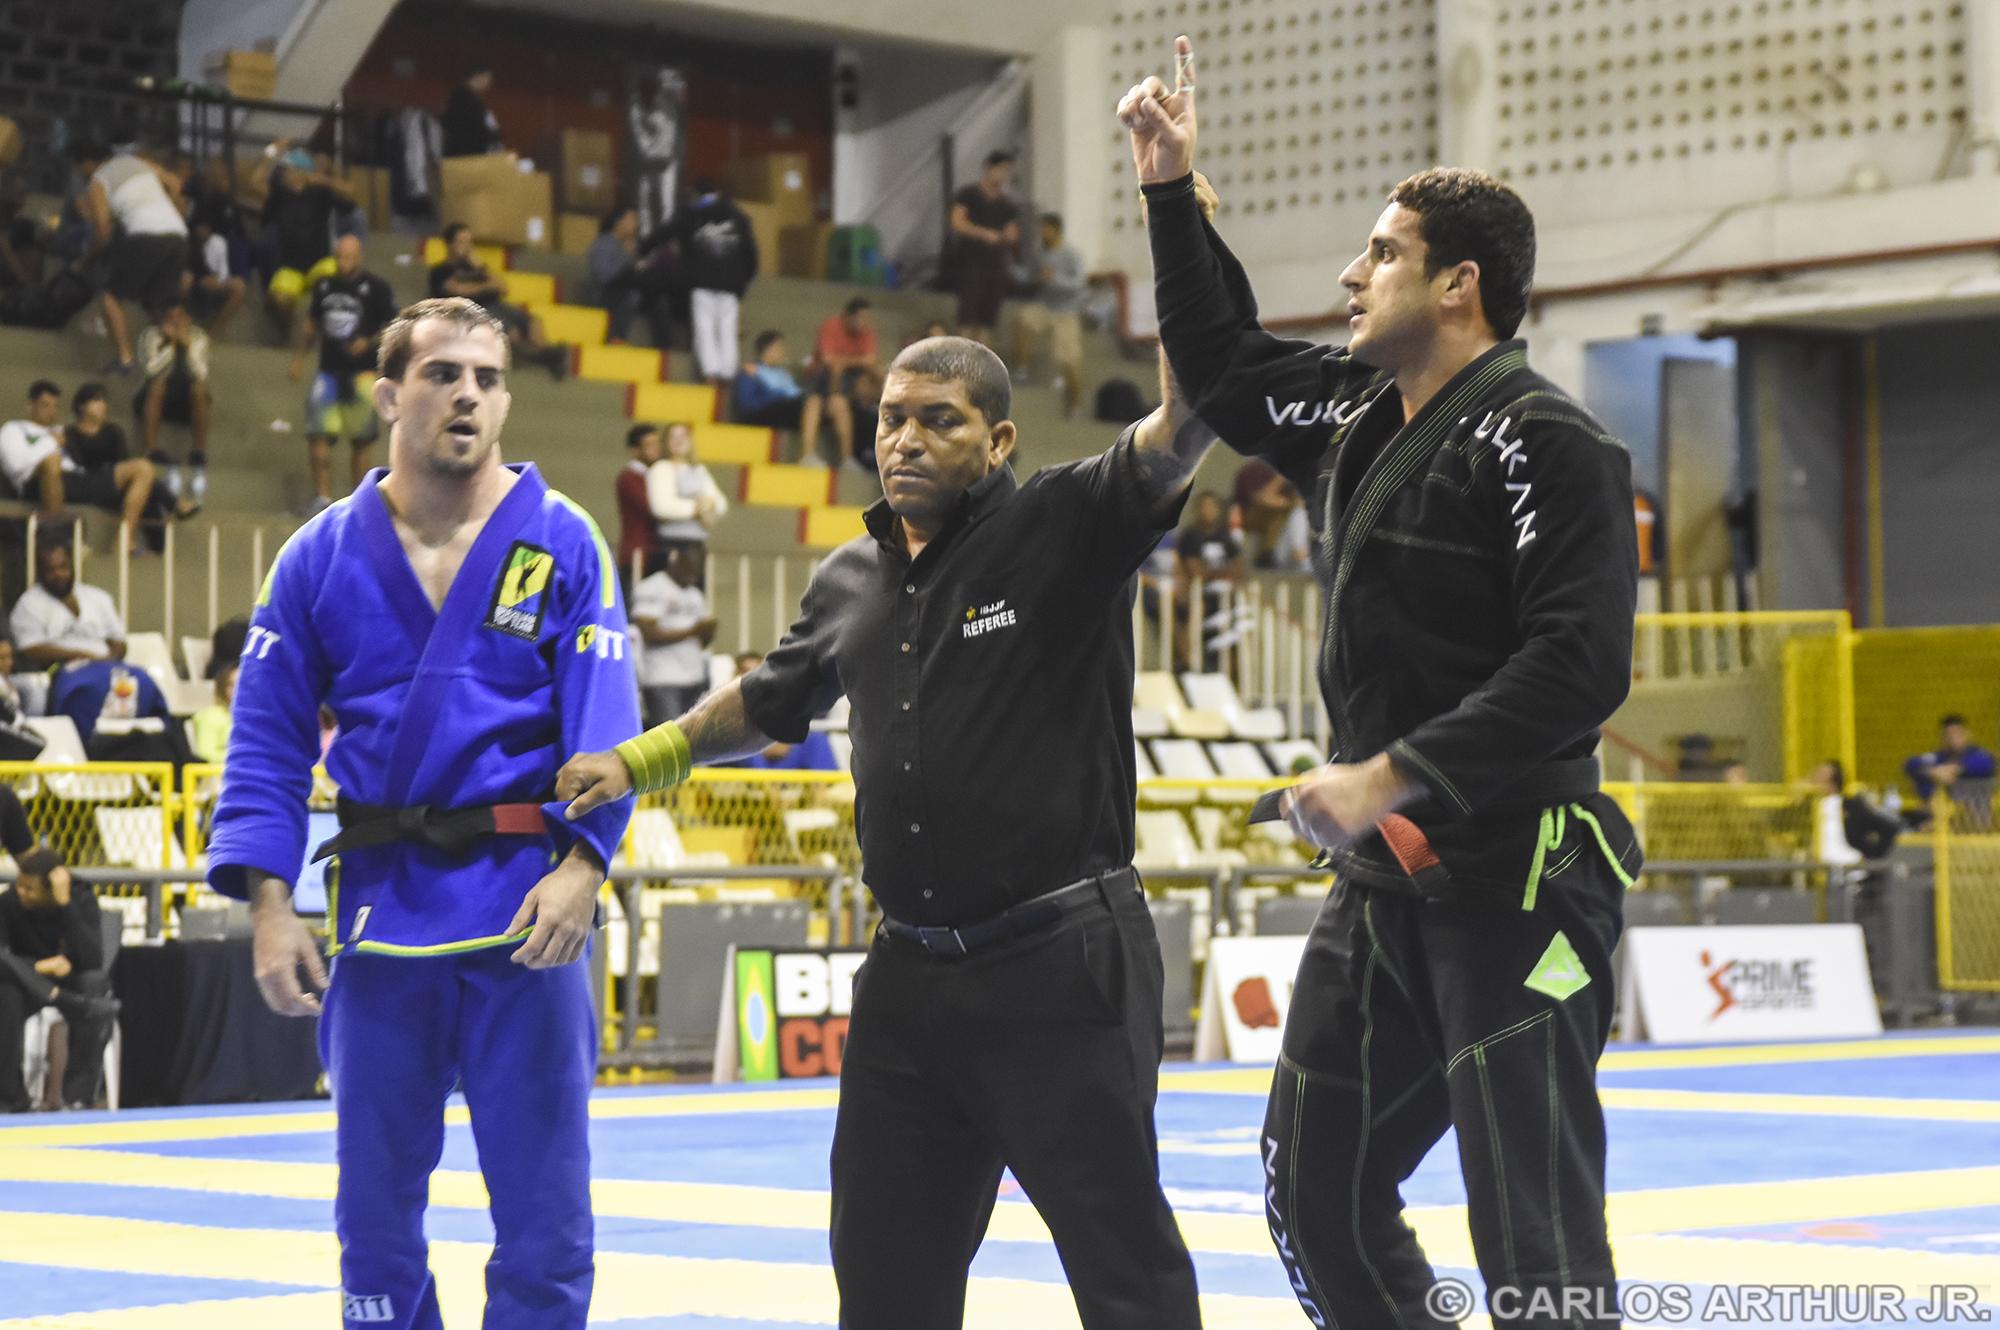 Vinicius Marinho finalizou Gabriel Procópio na kimura e mordeu o ouro no peso médio.